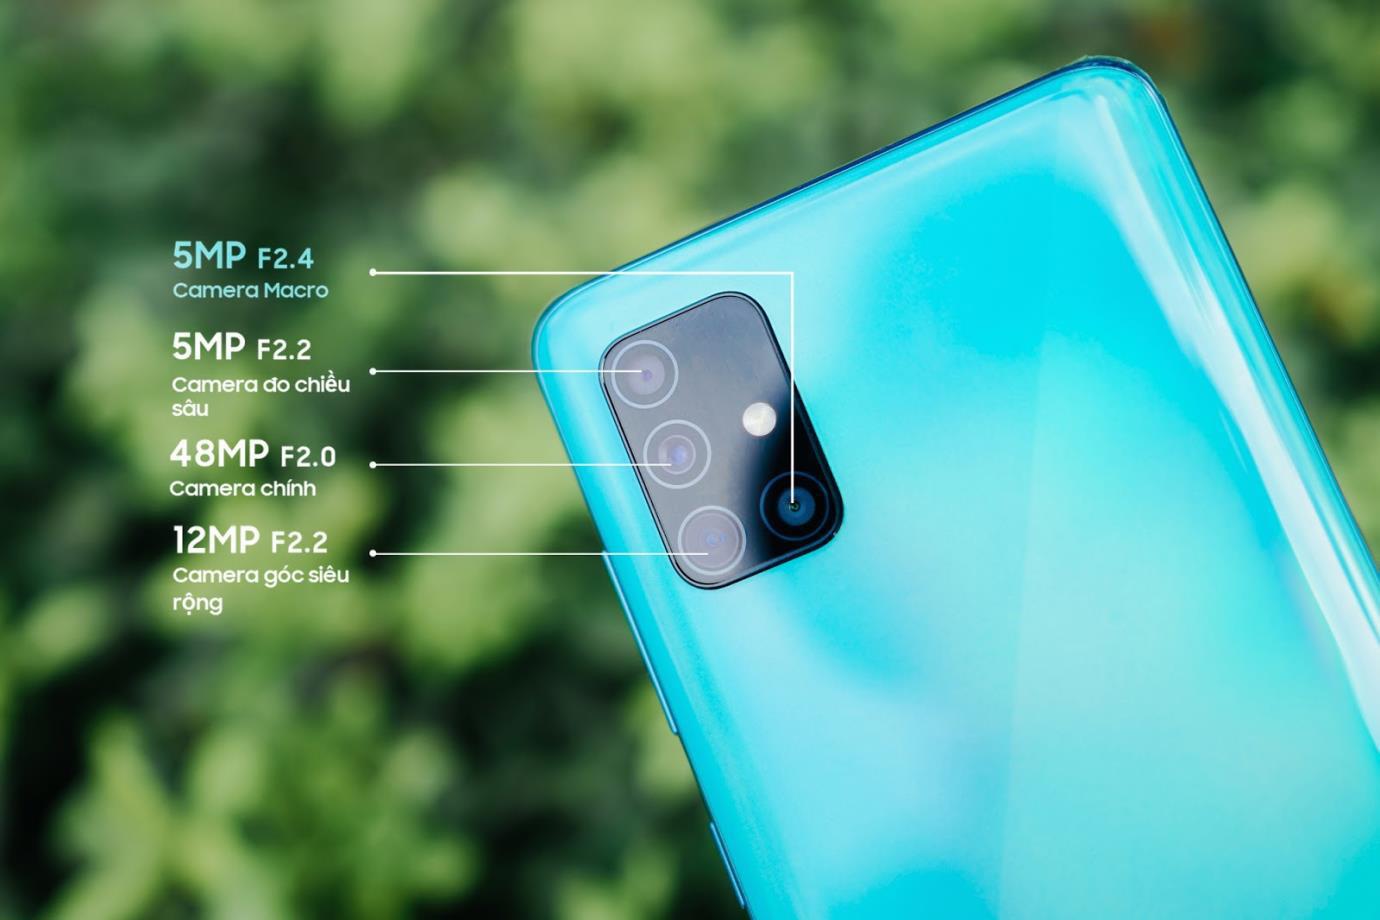 Đã 2020 nhưng những tiêu chí cốt lõi tìm mua smartphone vẫn như 10 năm trước - Ảnh 3.